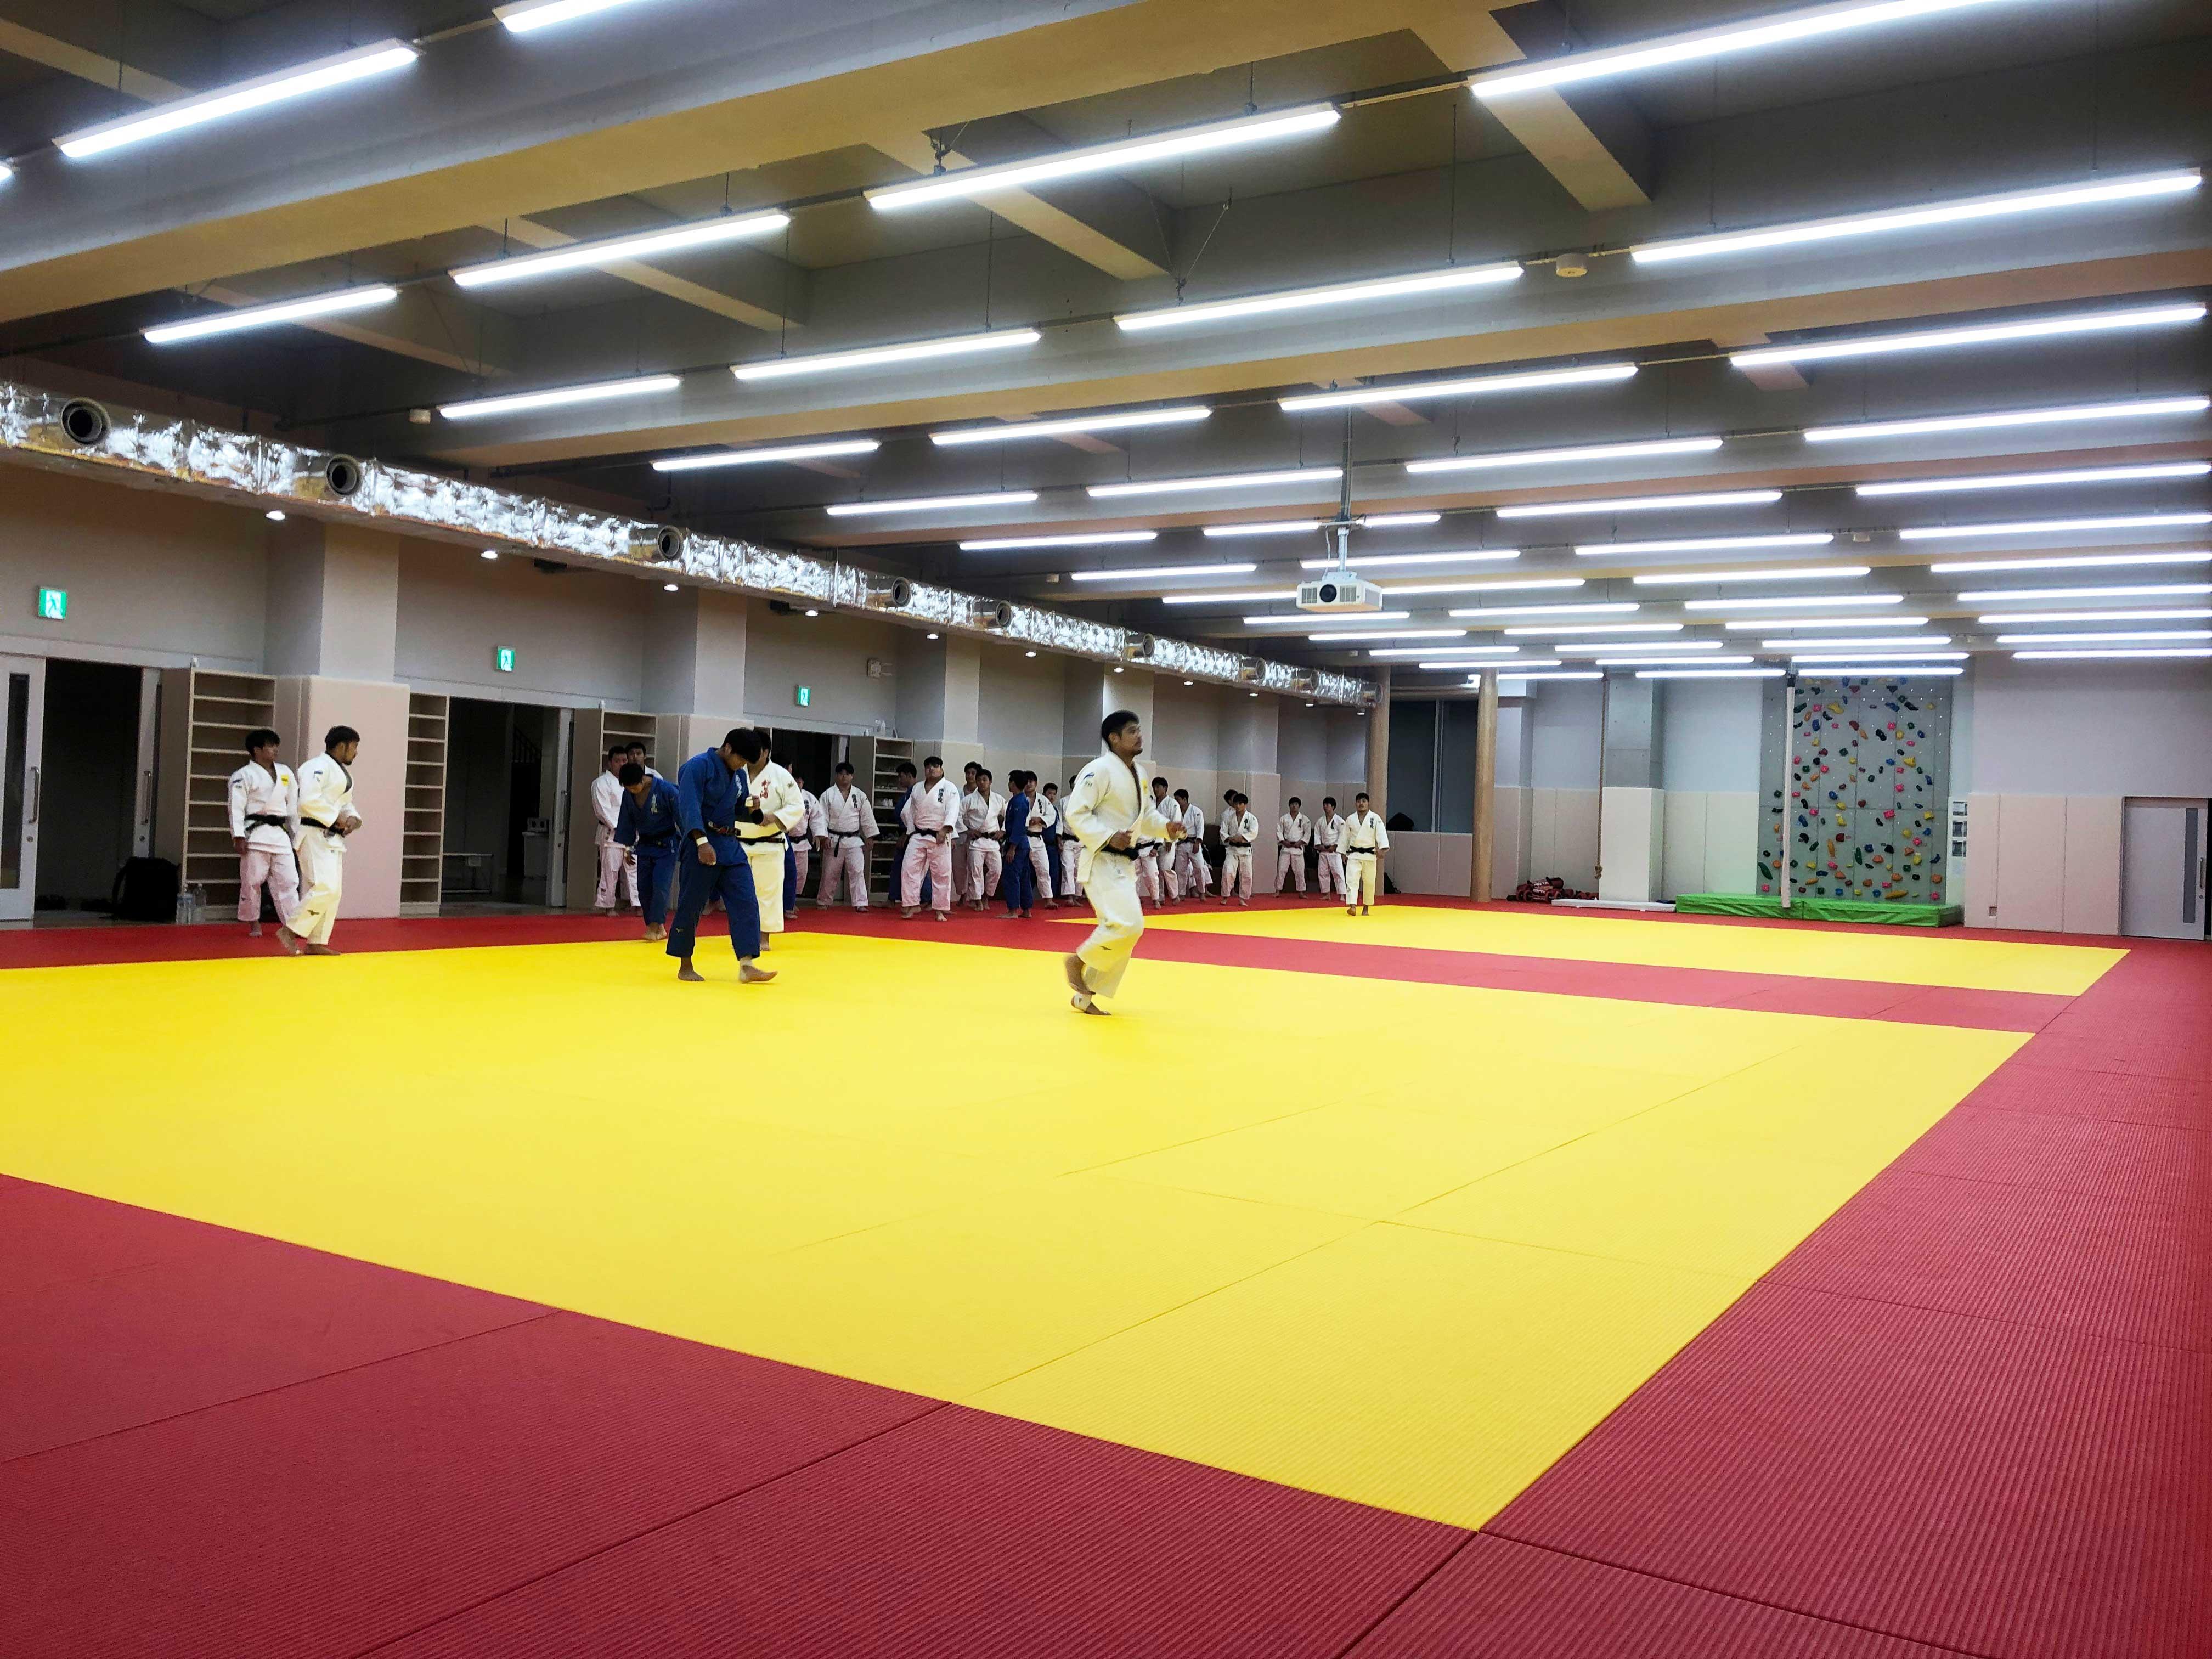 國學院大學たまプラーザ柔道場